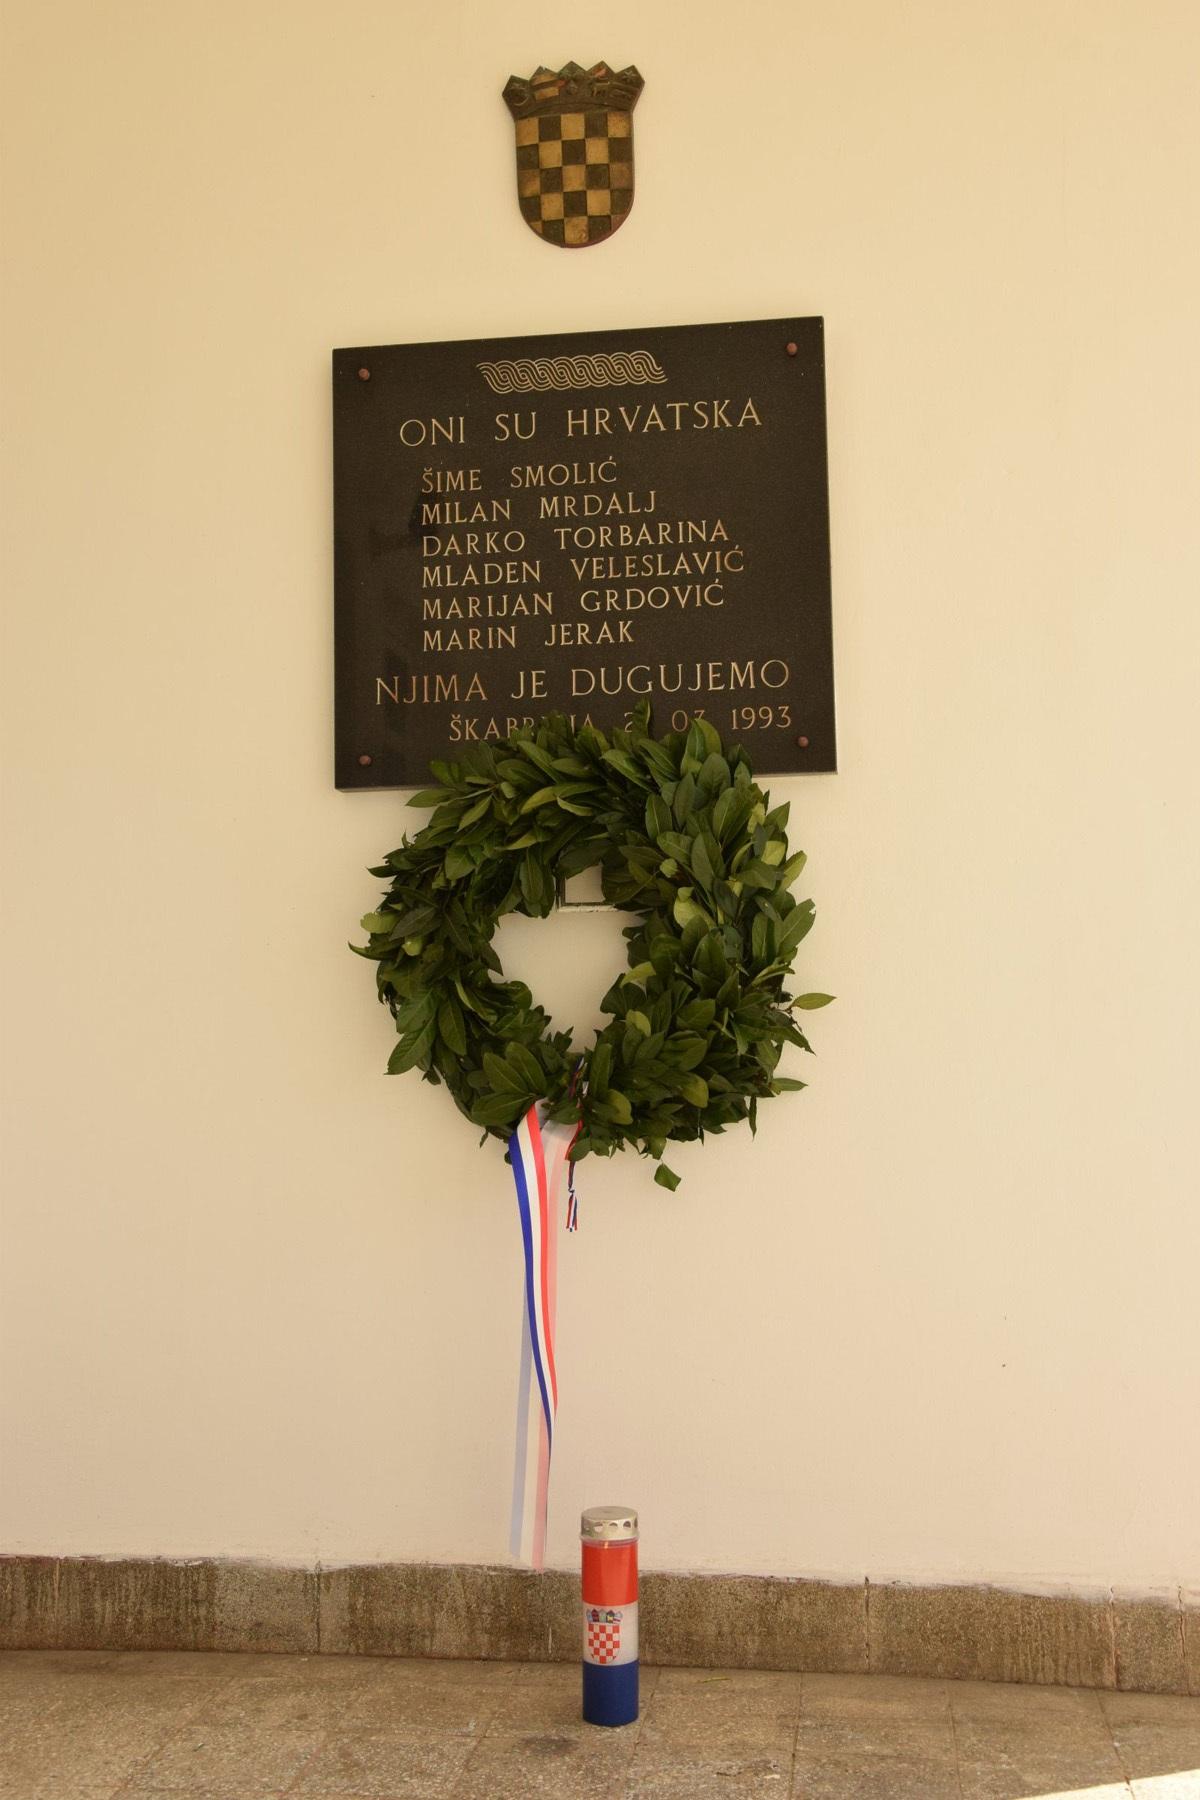 Obilježen Dan 93. krila i obljetnica poginulih pripadnika postrojbe